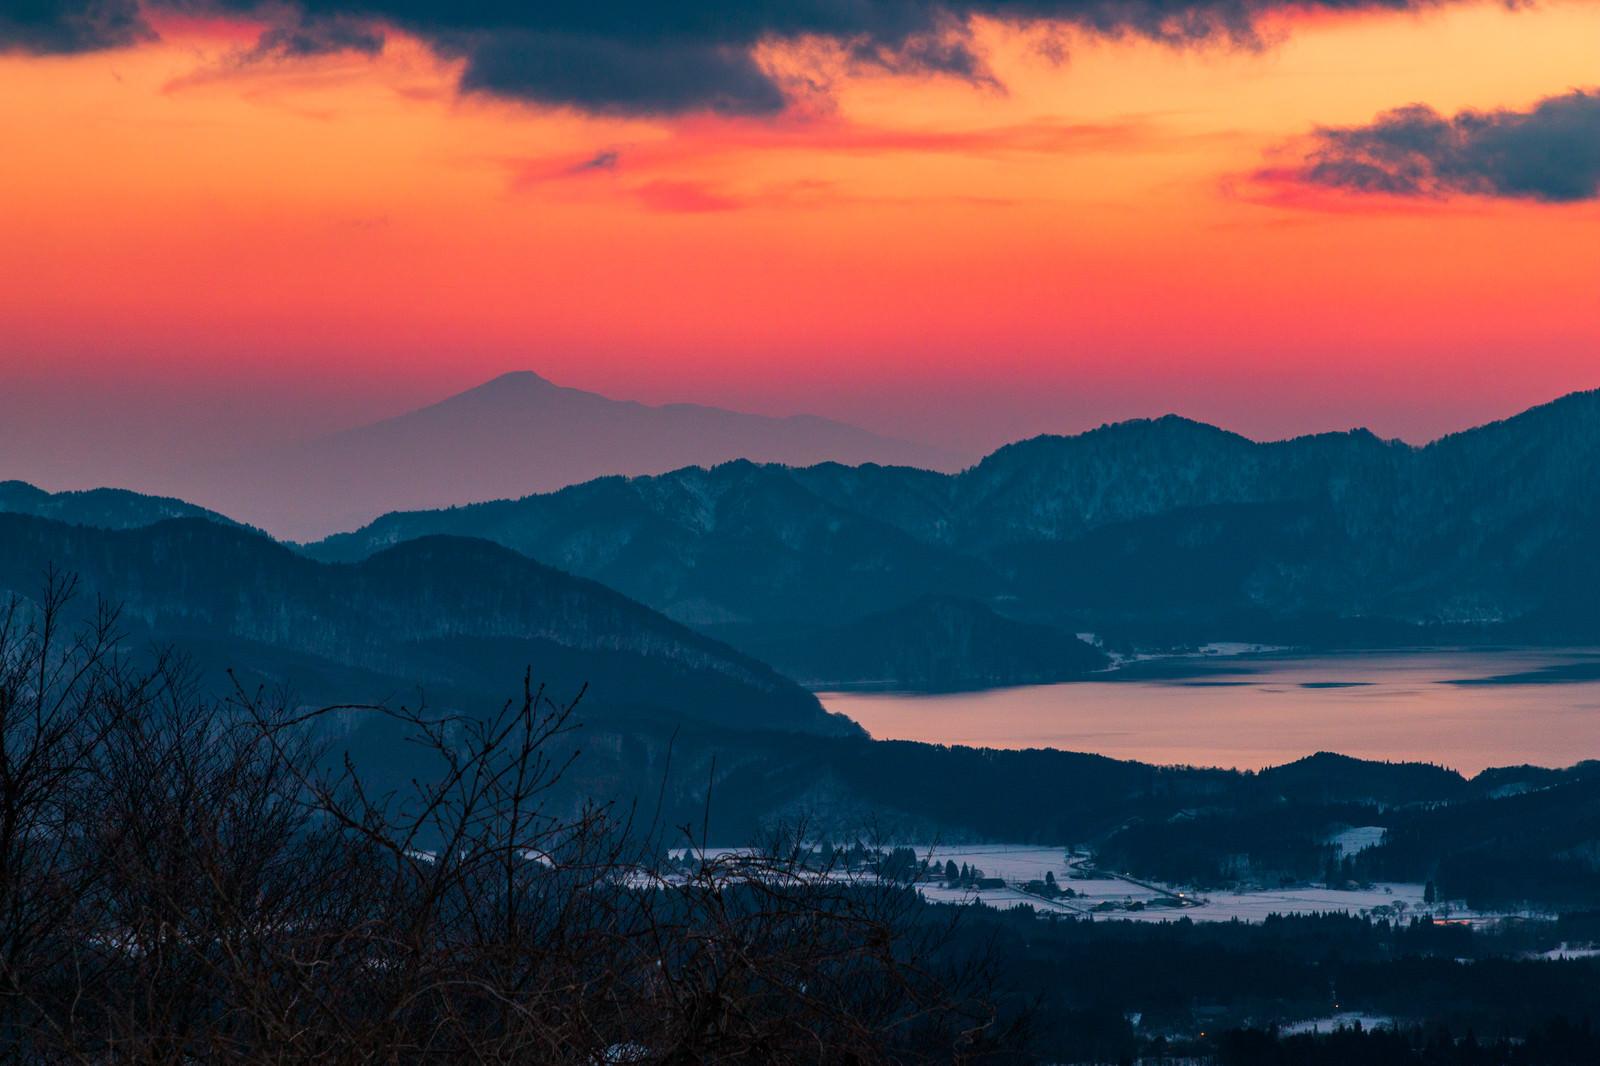 「田沢湖と鳥海山の夕焼け」の写真